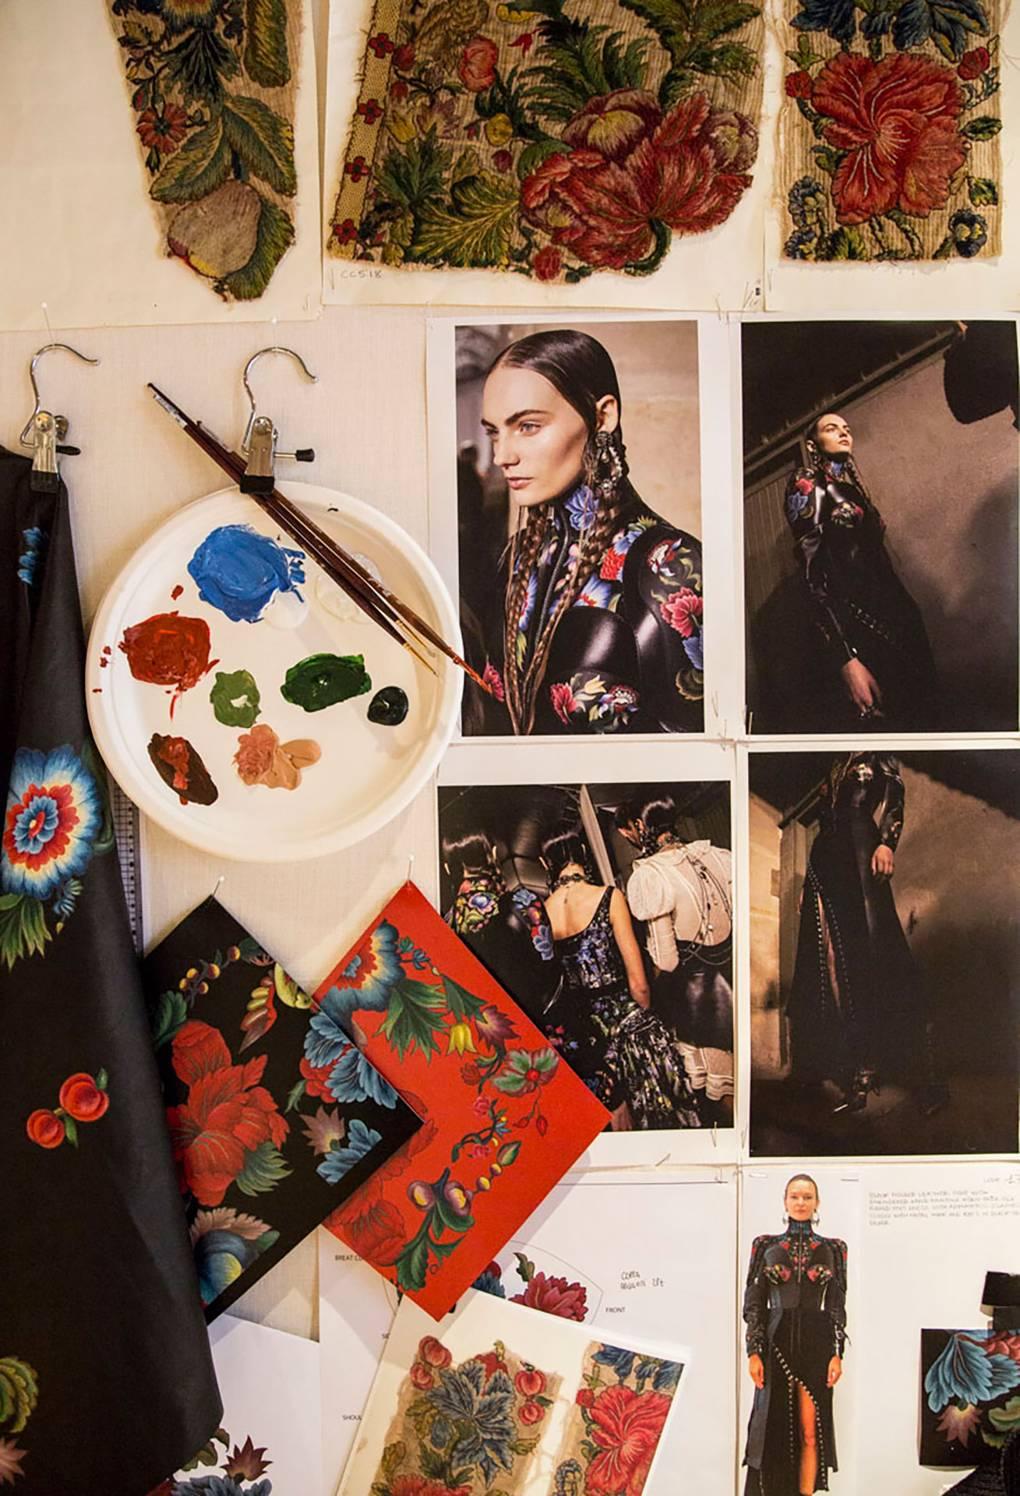 Detail of Alexander McQueen exhibit. Image Alexander McQueen via Vogue.